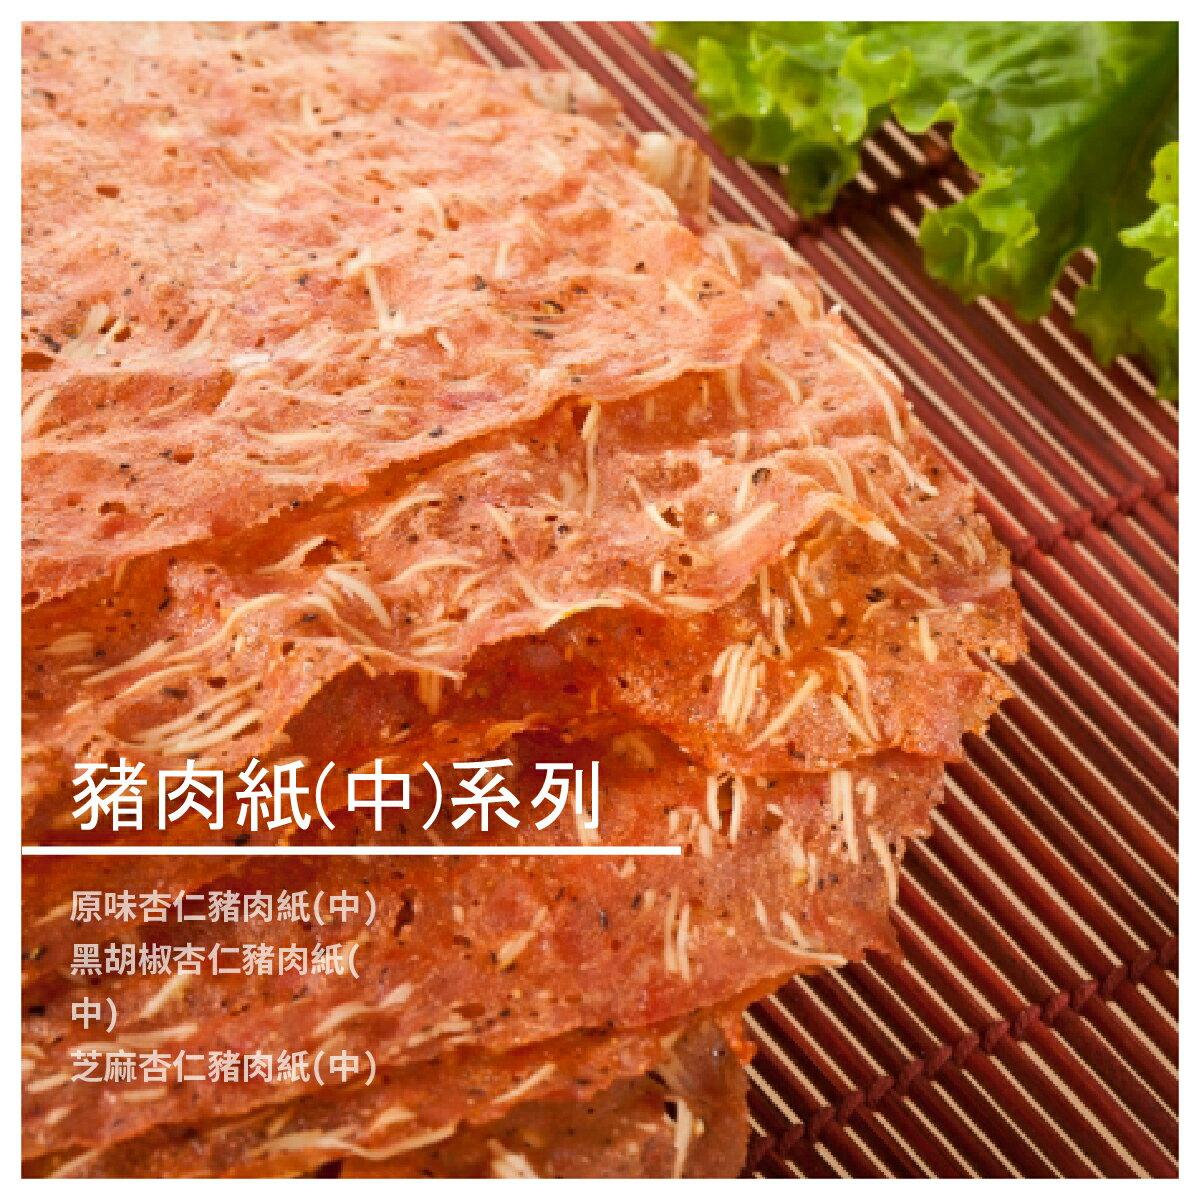 【黃金香肉乾】豬肉紙(中)系列